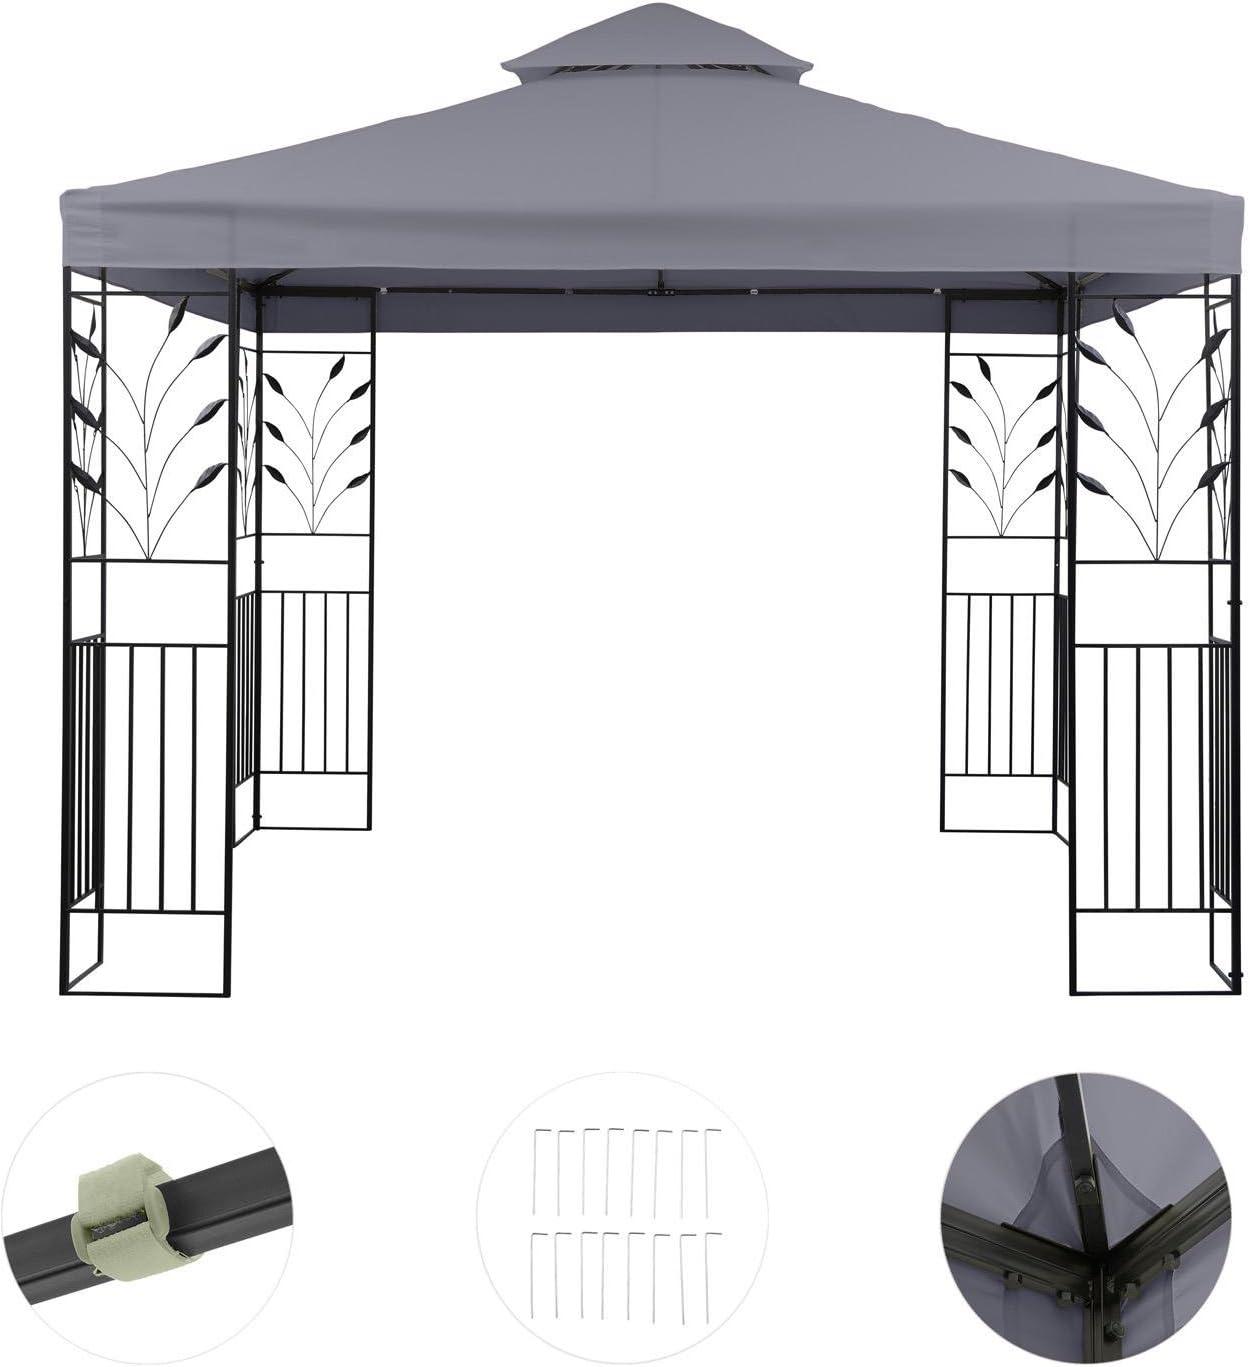 blumfeldt Odeon Grey Pavillon Carpa para Fiestas y jardín (3x3m,dieseño Decorativo, película Protectora, Resistente a Intemperie) - Gris Oscuro